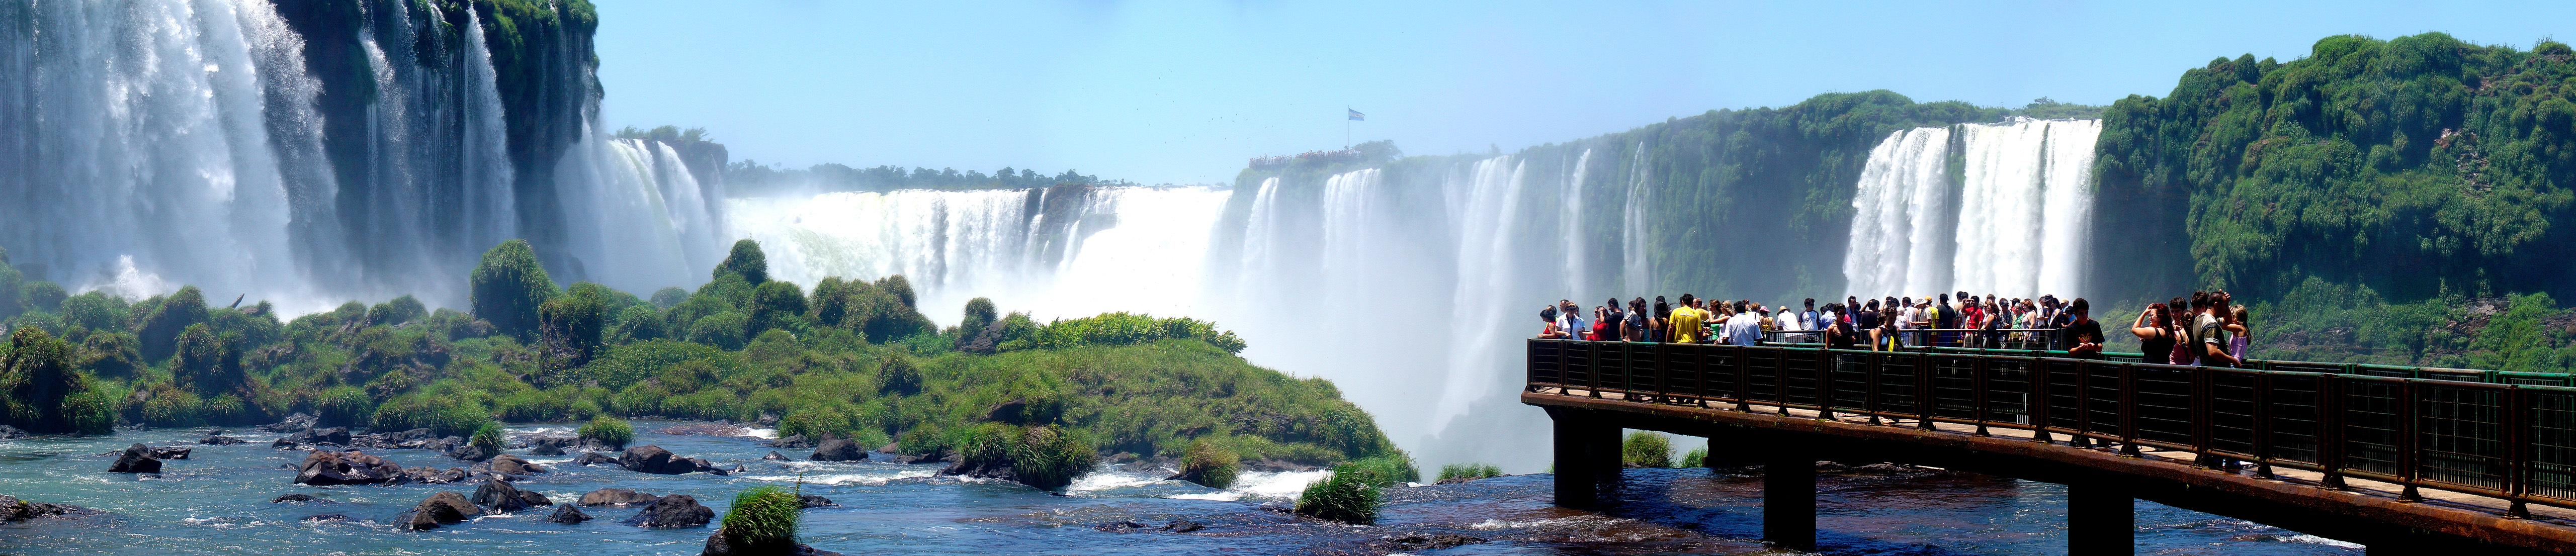 Водопады Игуасу на реке Парана (Аргентина/Бразилия)